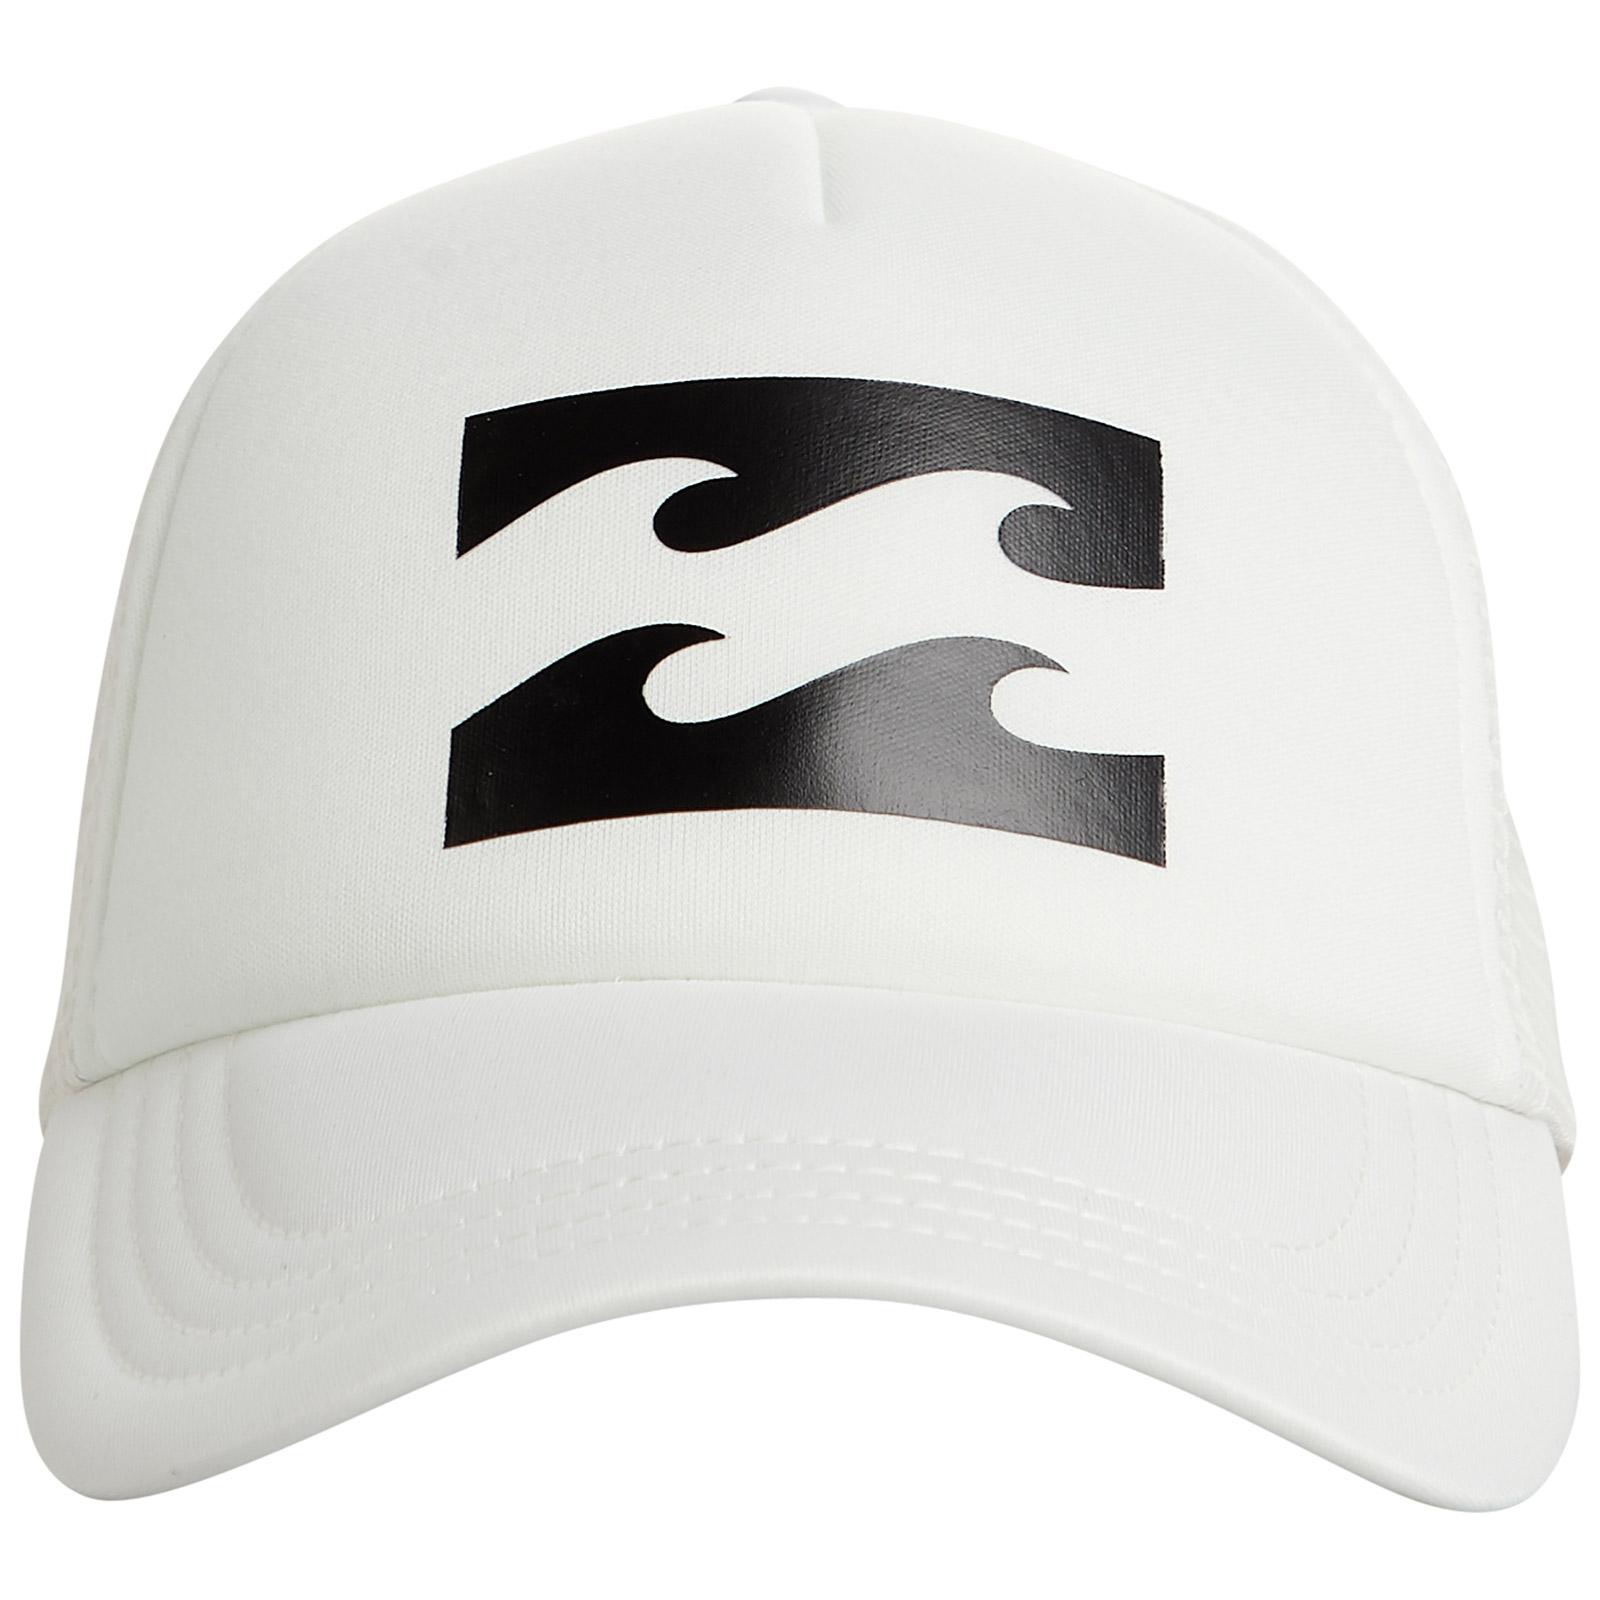 a3b0a3a46852d Hat White Trucker Cap With Back Mesh - Billabong Trucker Cool Wip